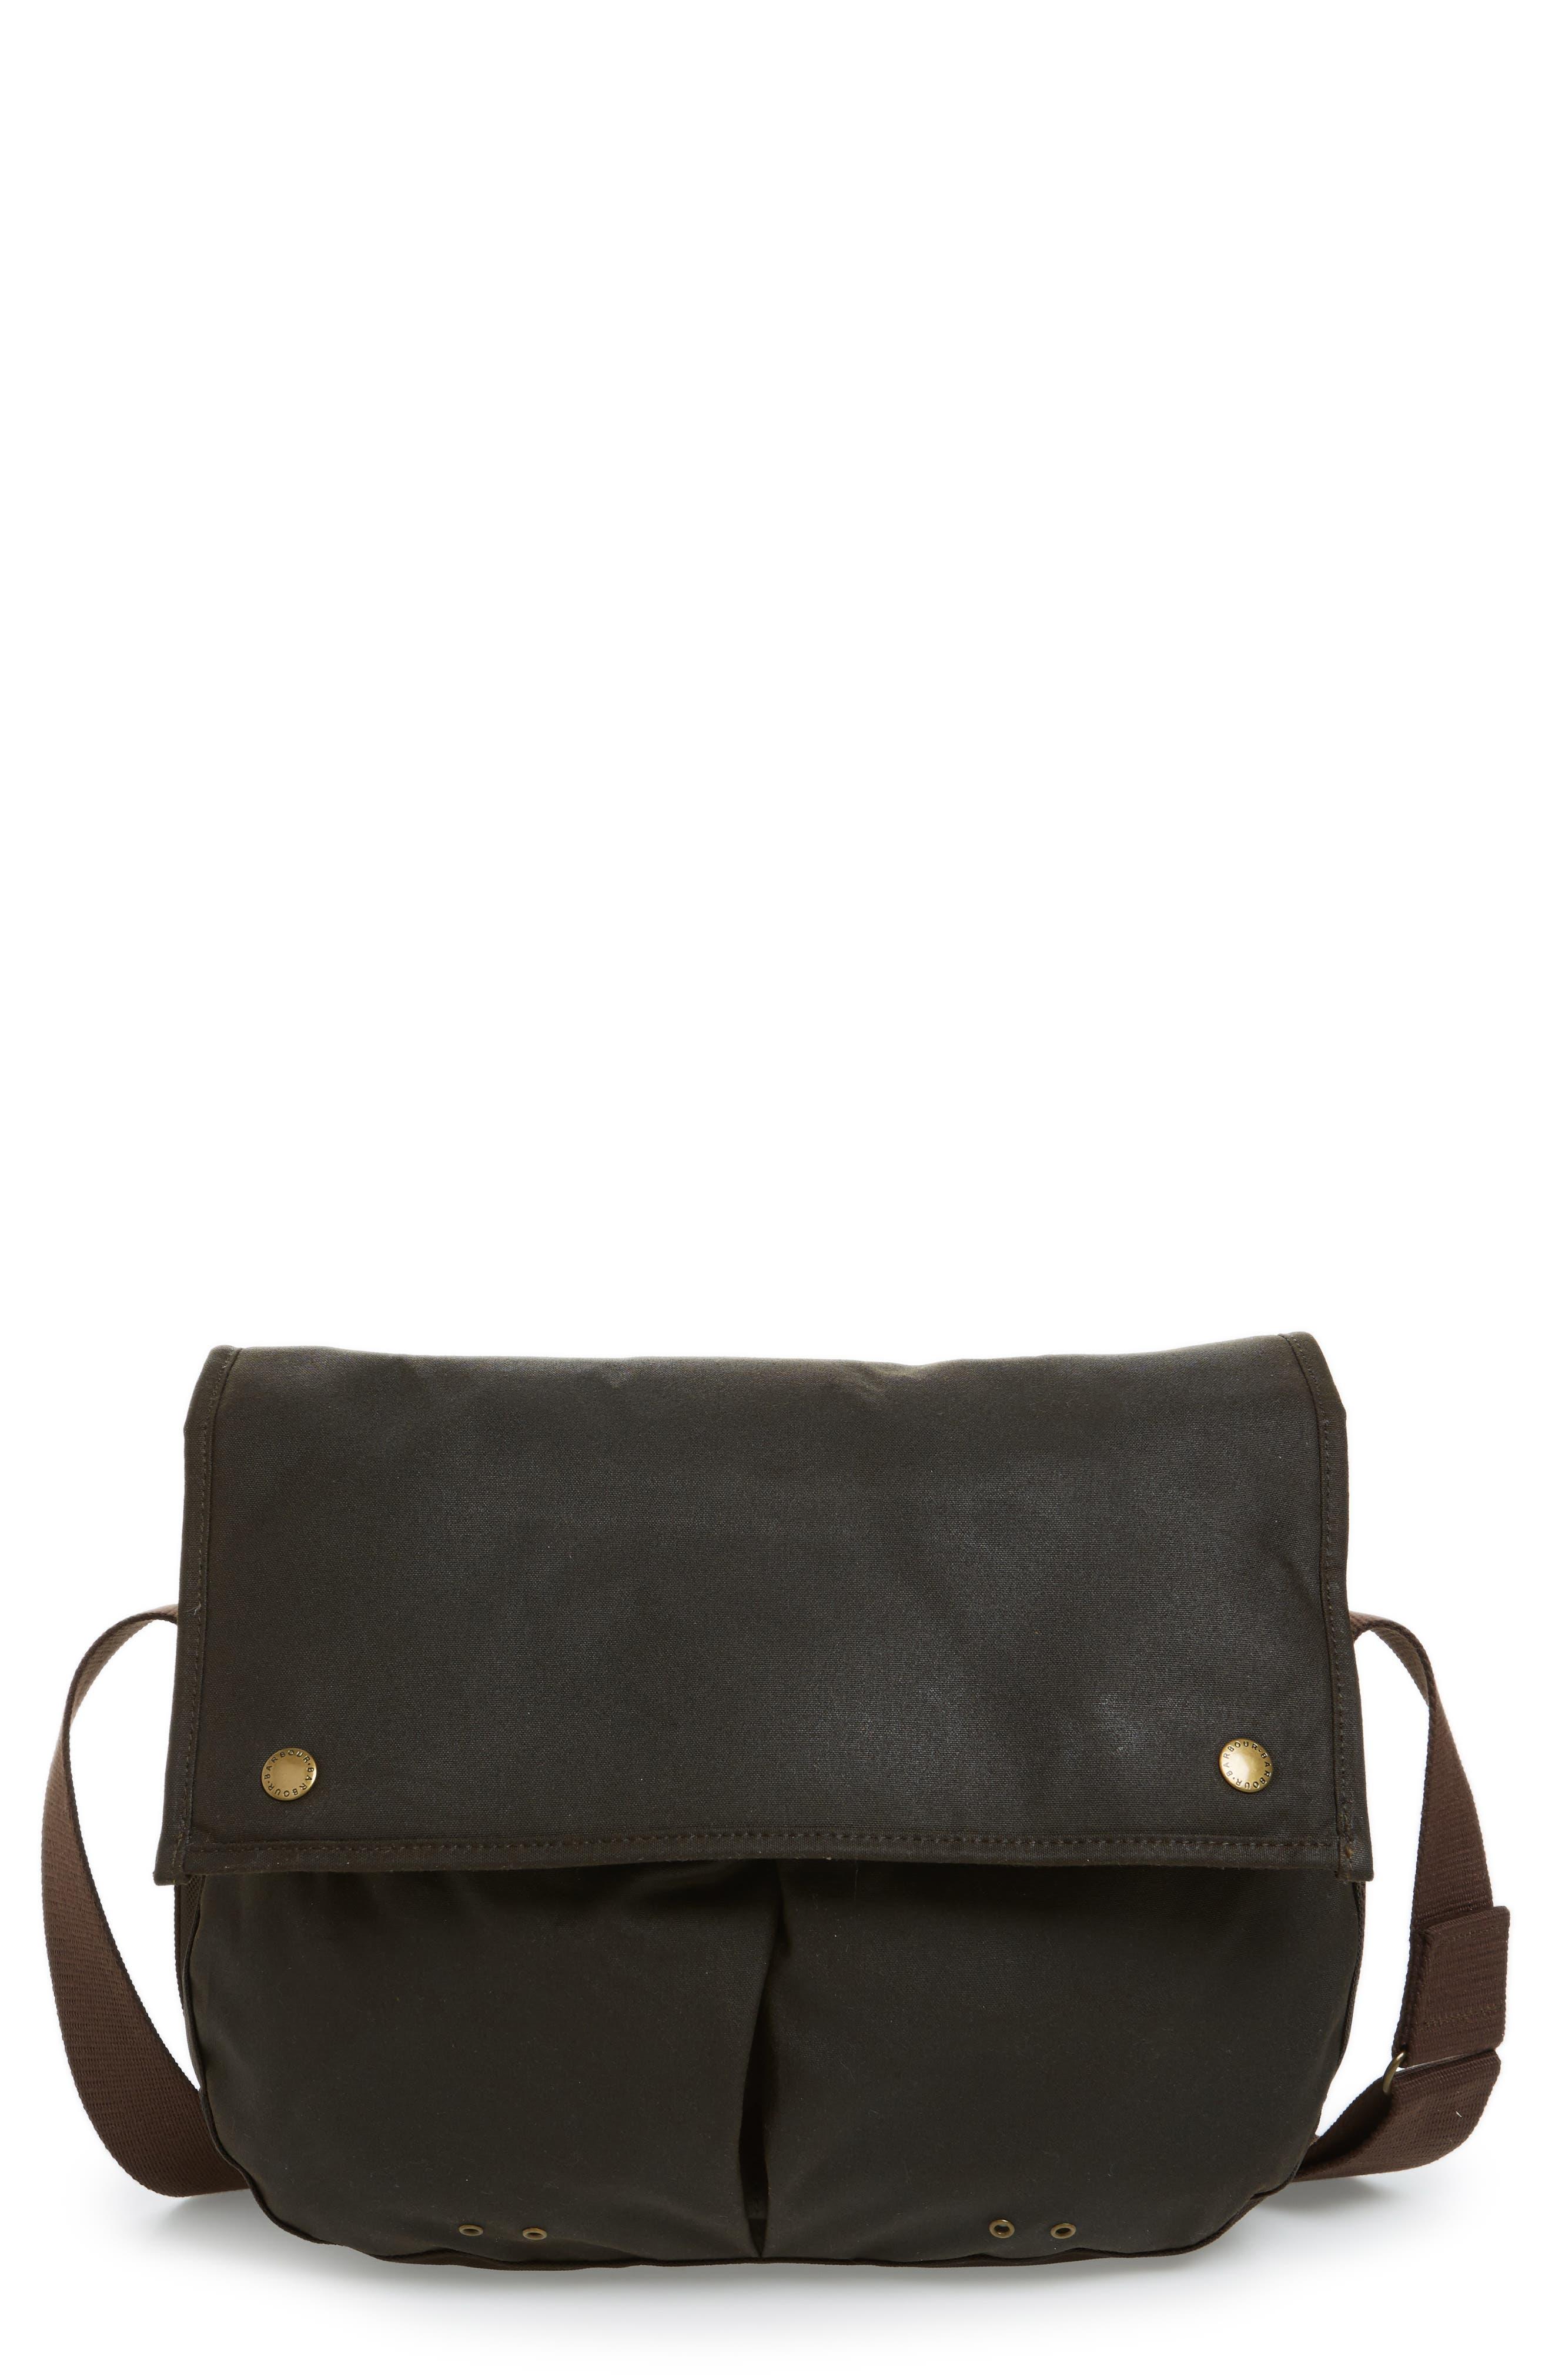 Cannich Taras Messenger Bag,                         Main,                         color, 340